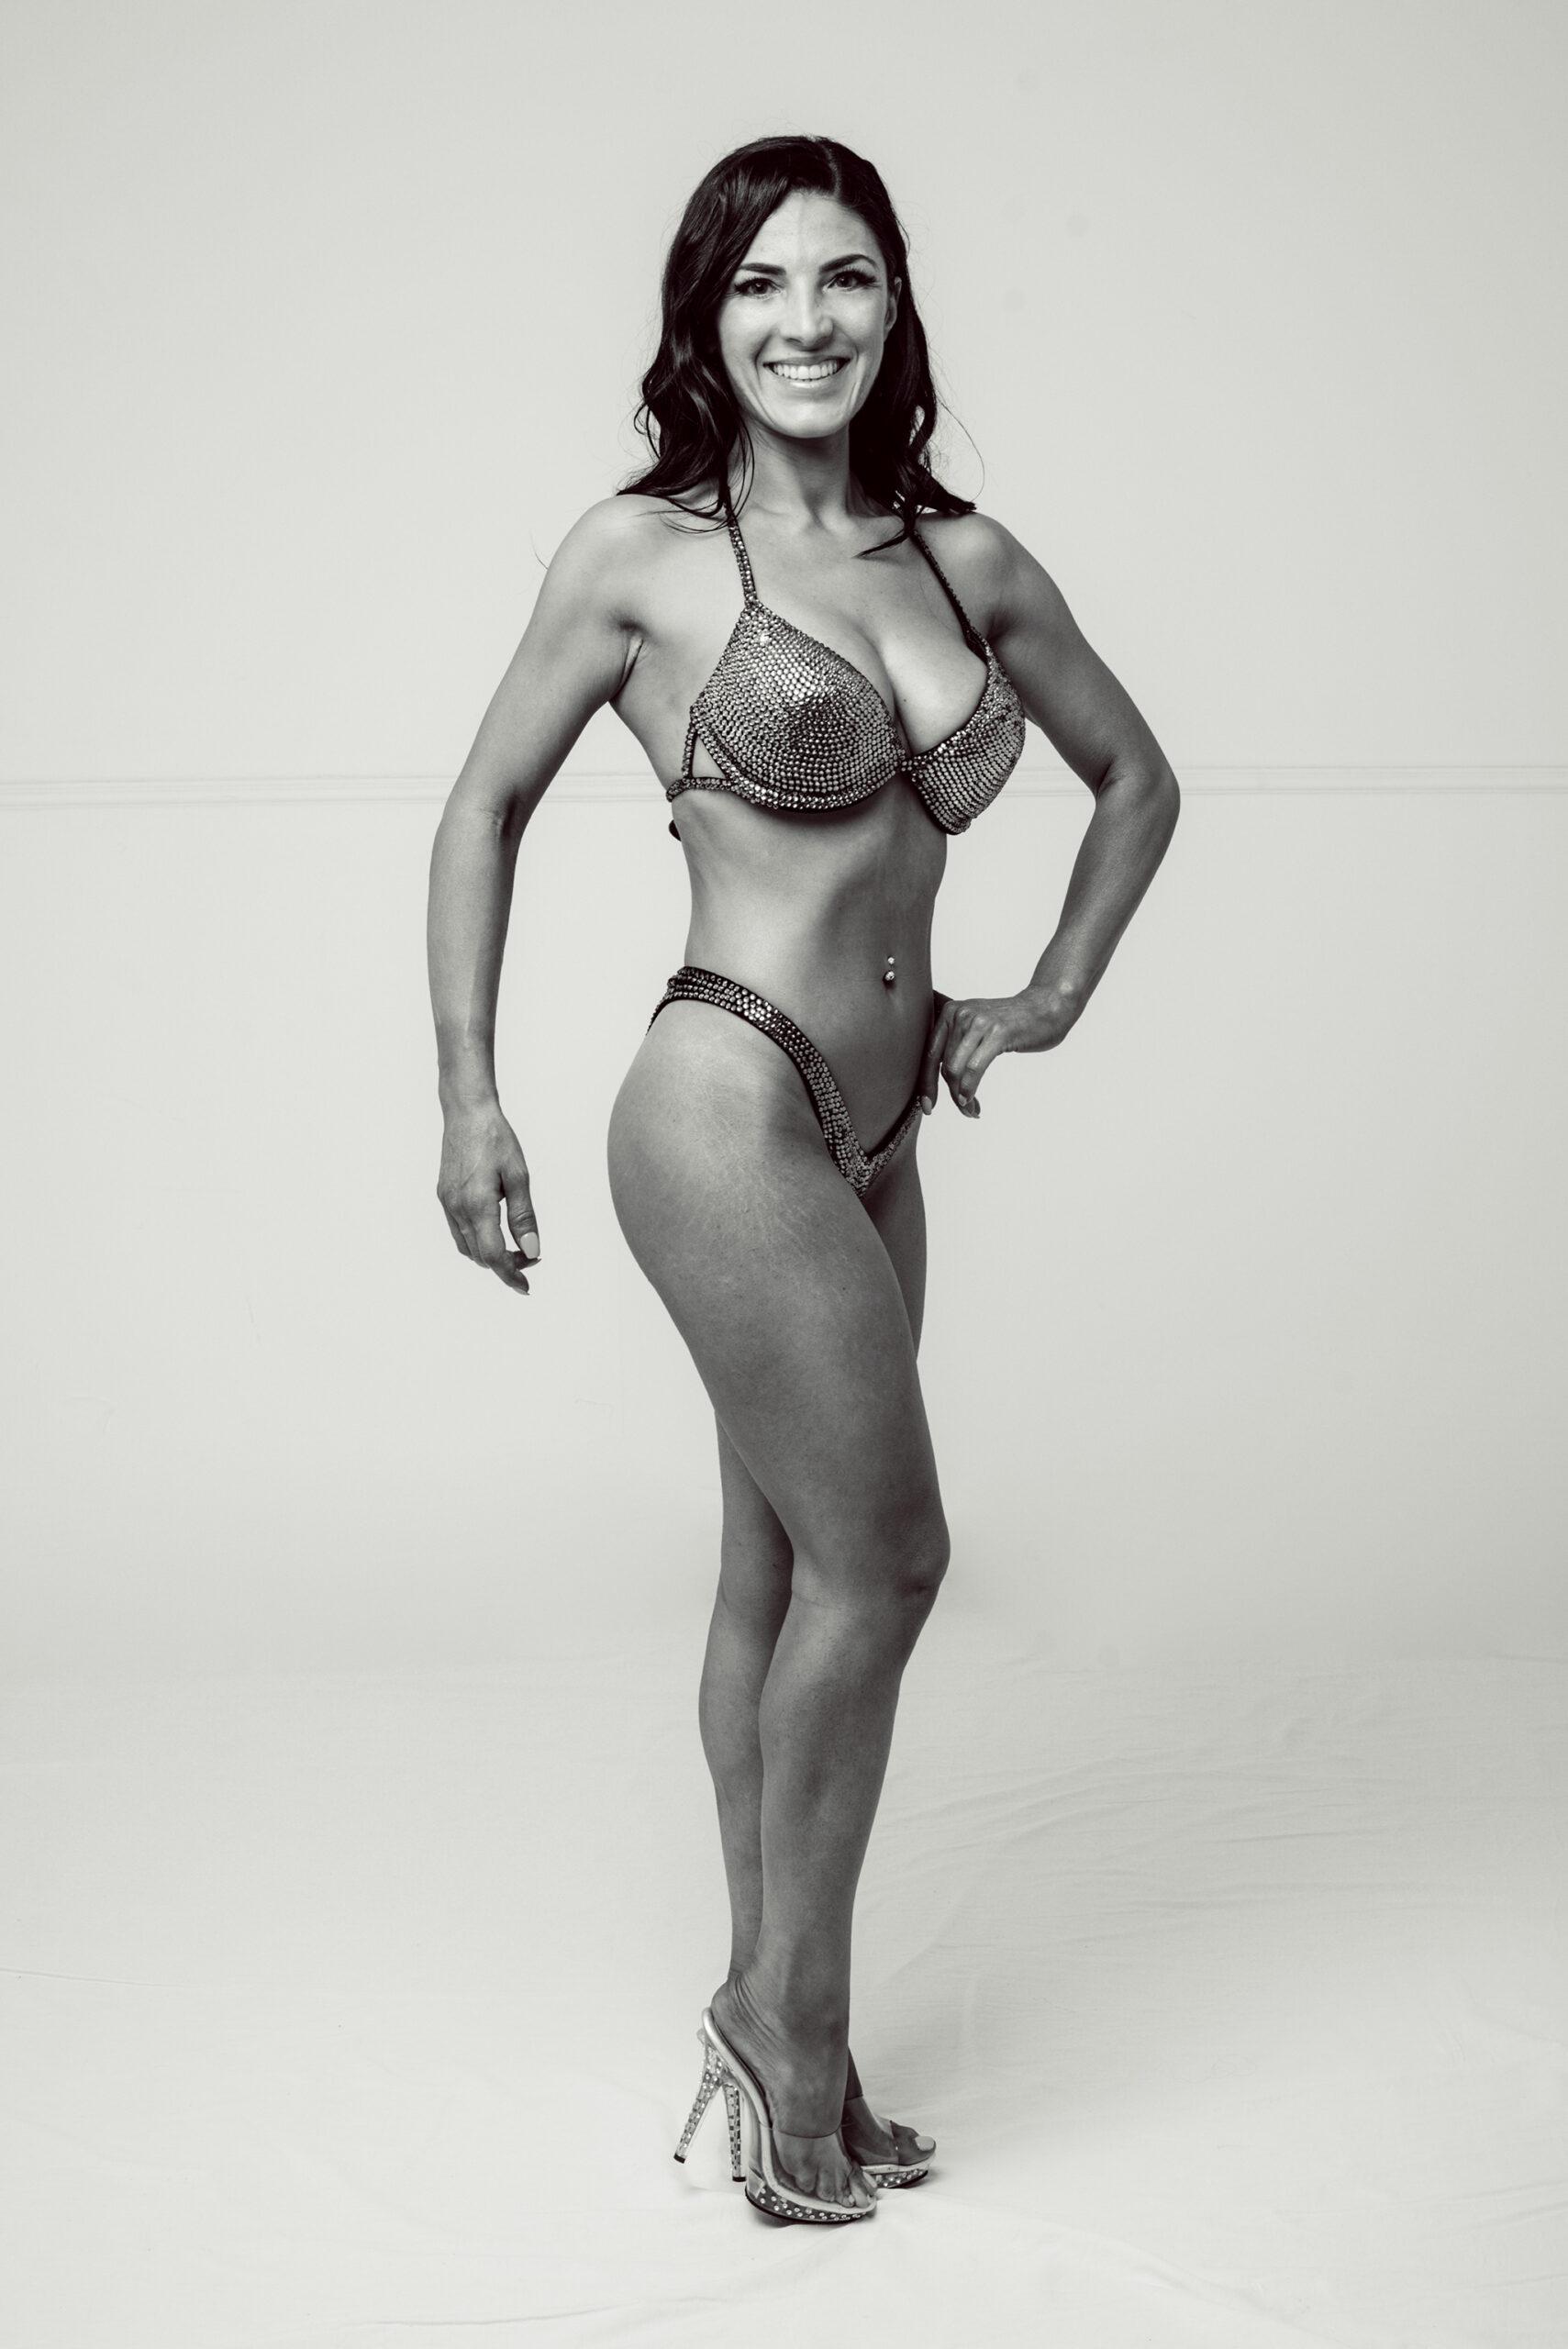 Woman - bodybuilder